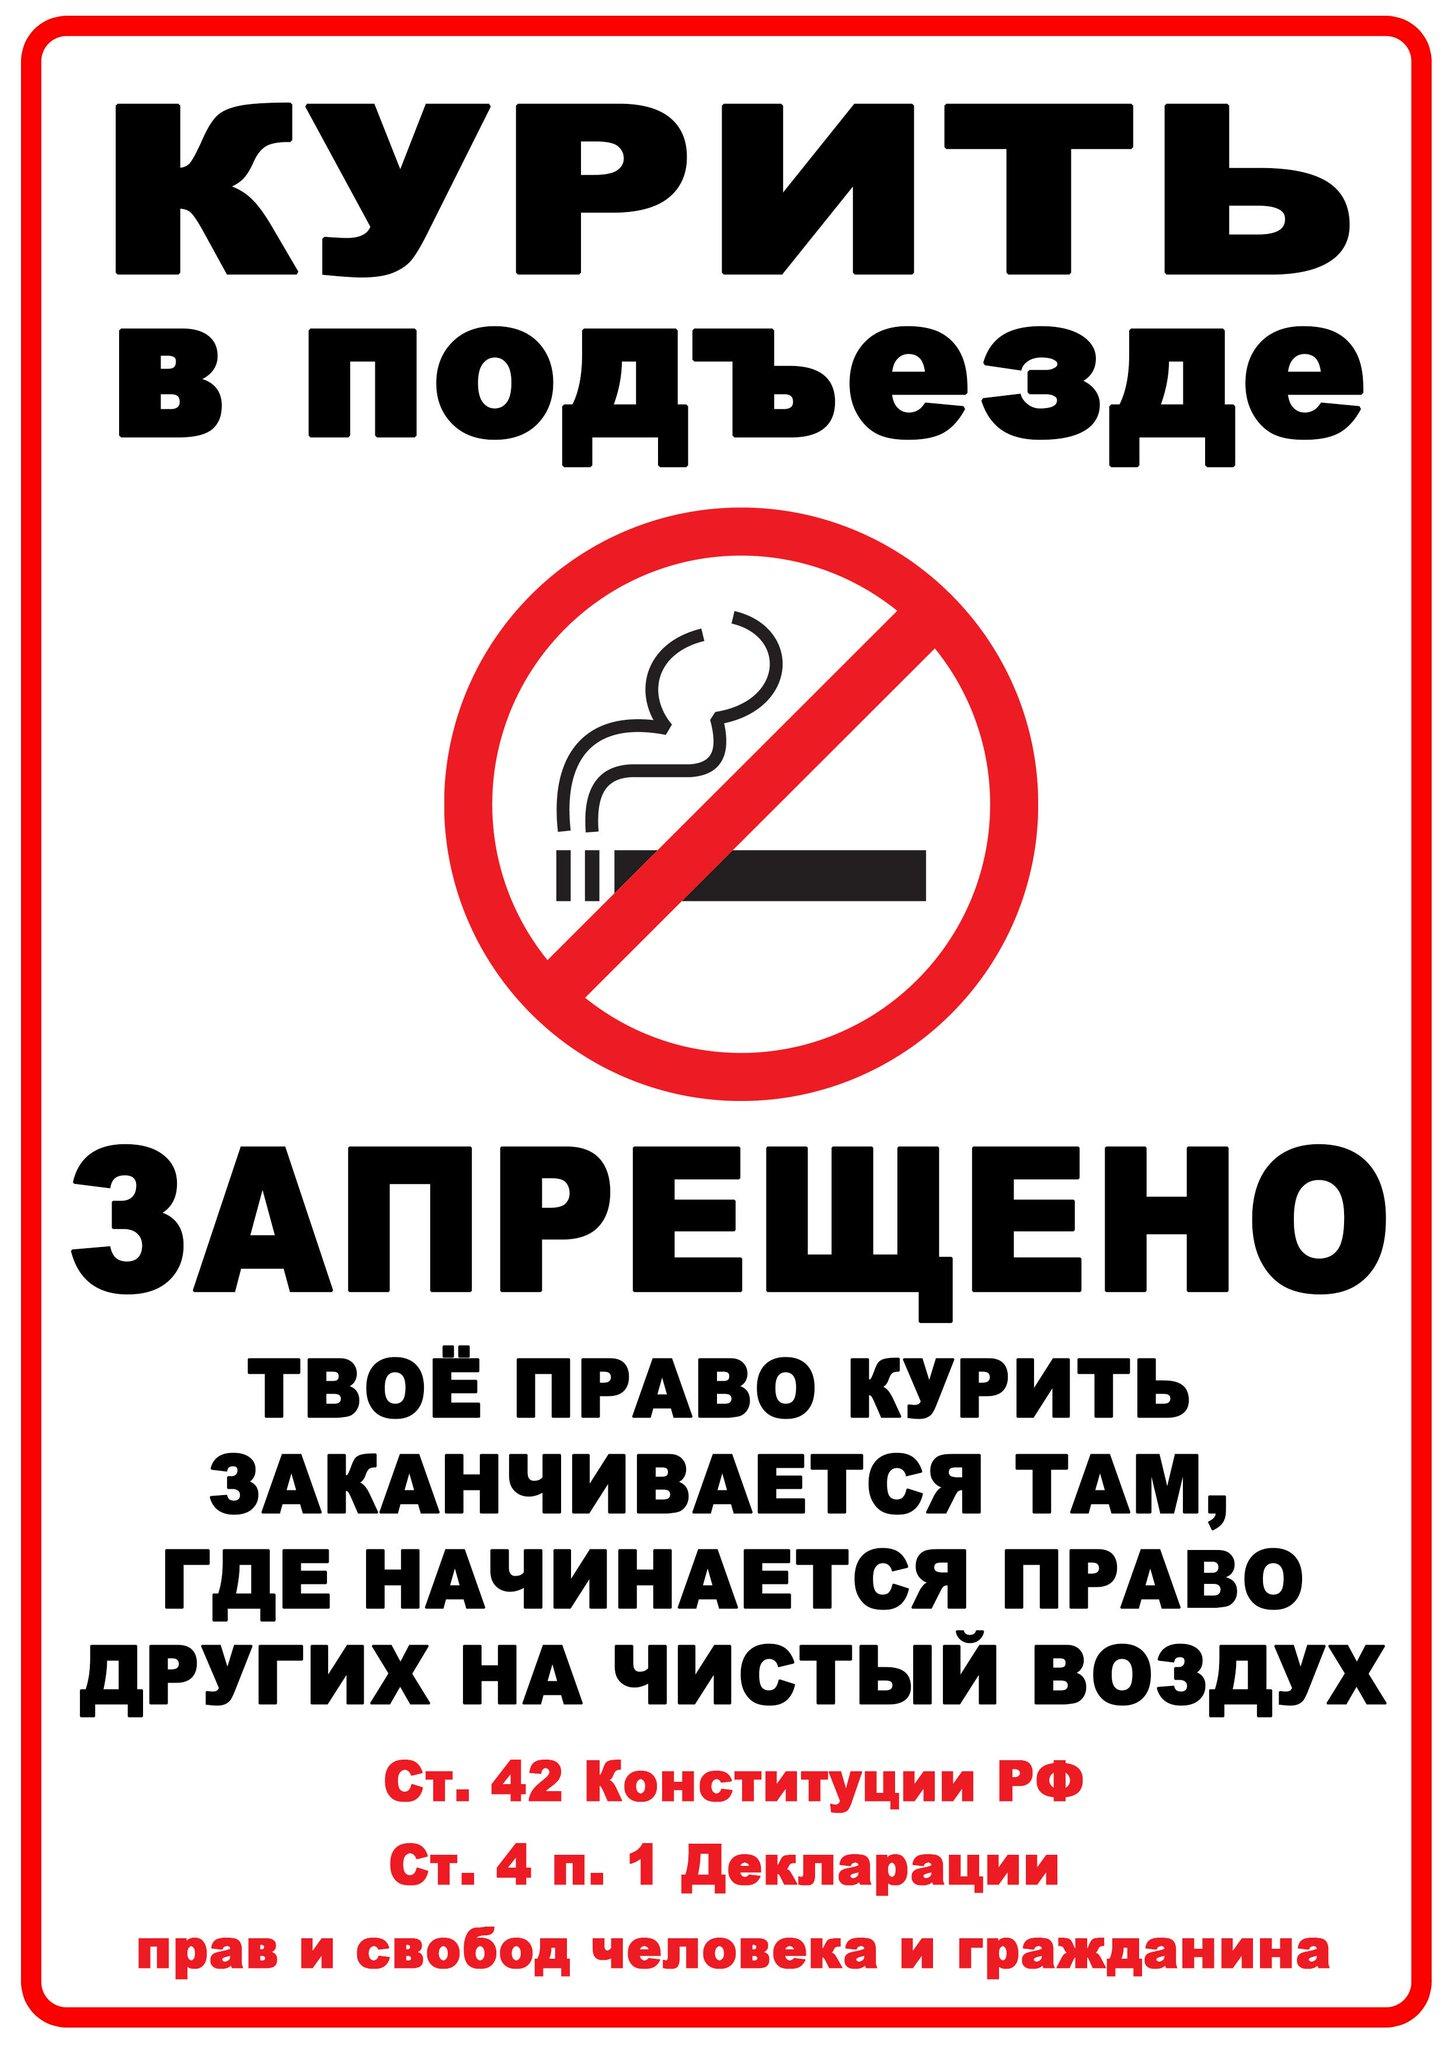 на площадке не курить картинки натюрморты это